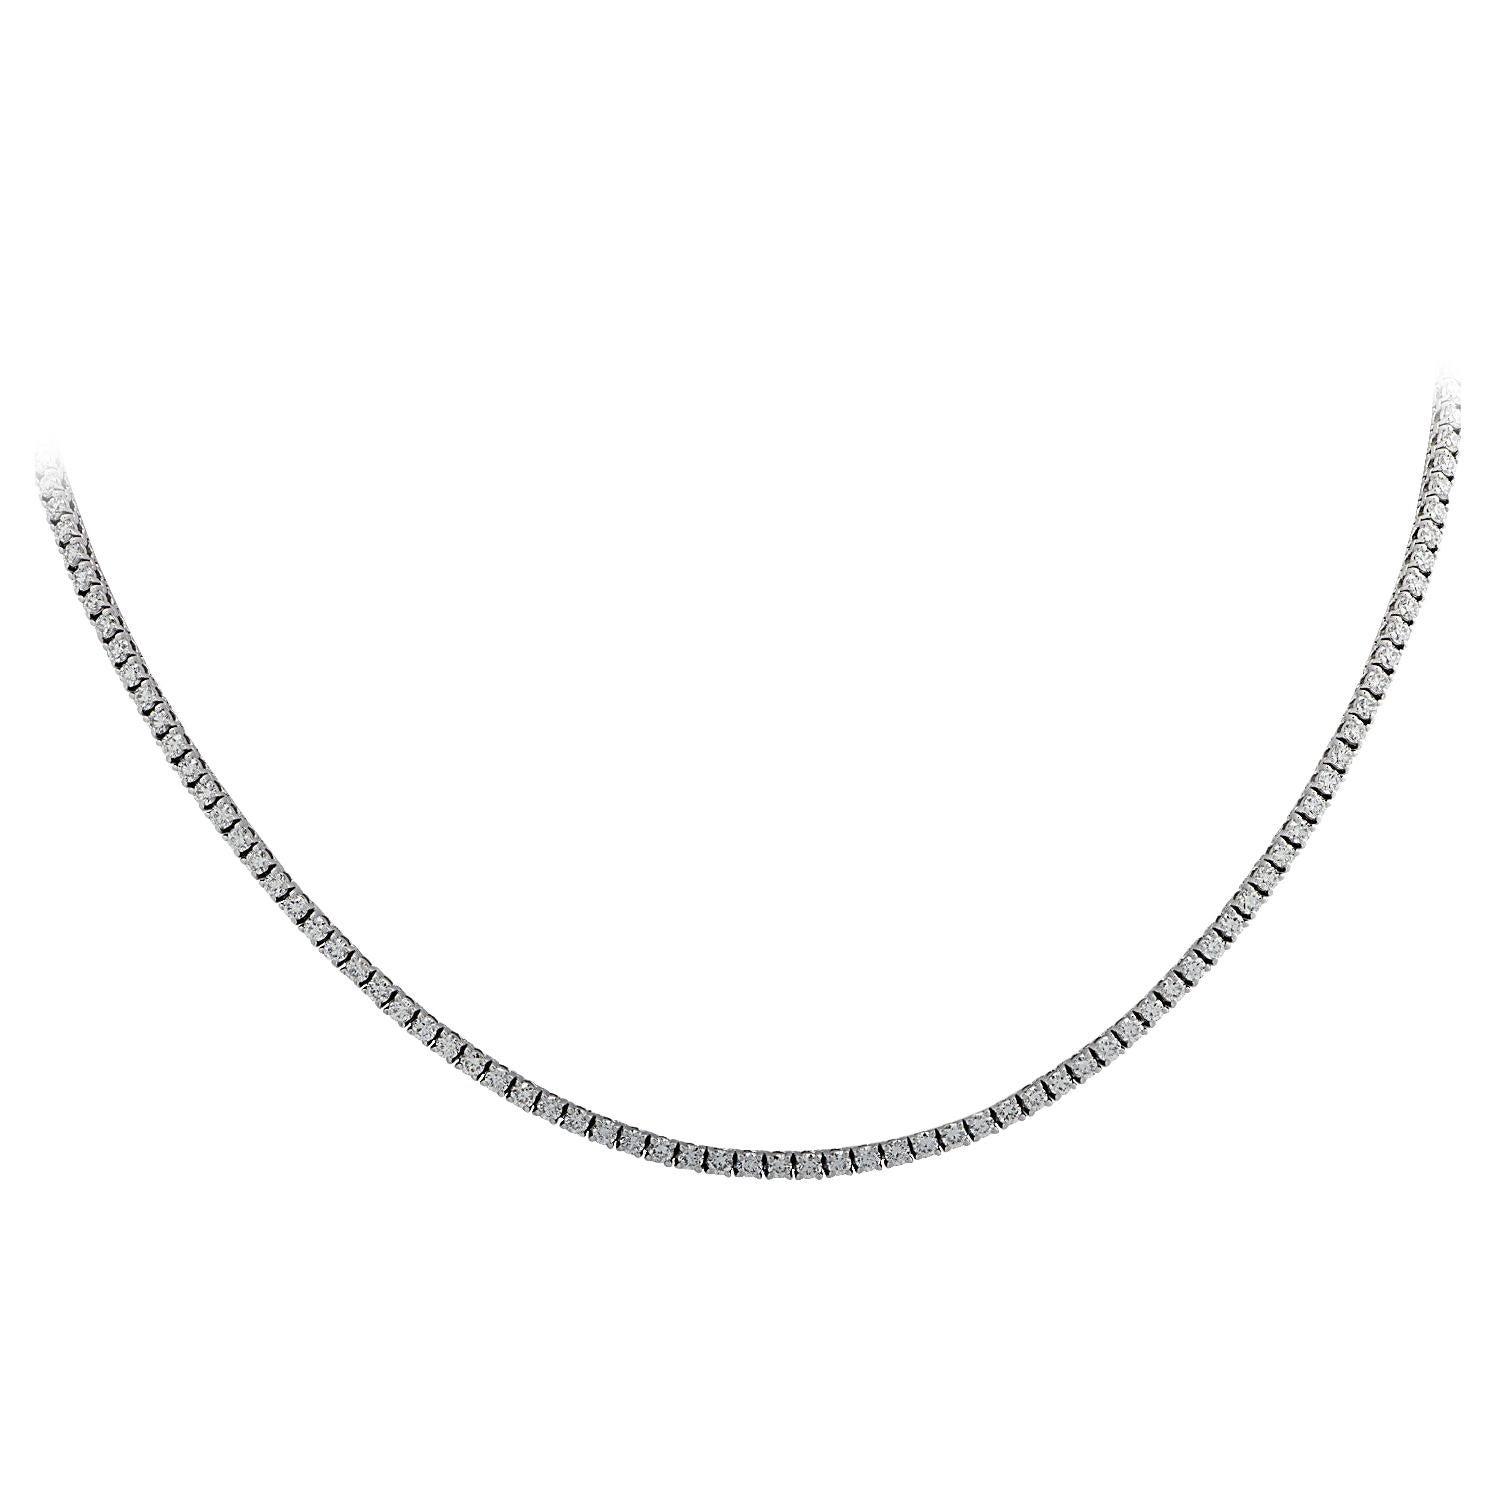 Vivid Diamonds 7.10 Carat Straight Line Diamond Tennis Necklace